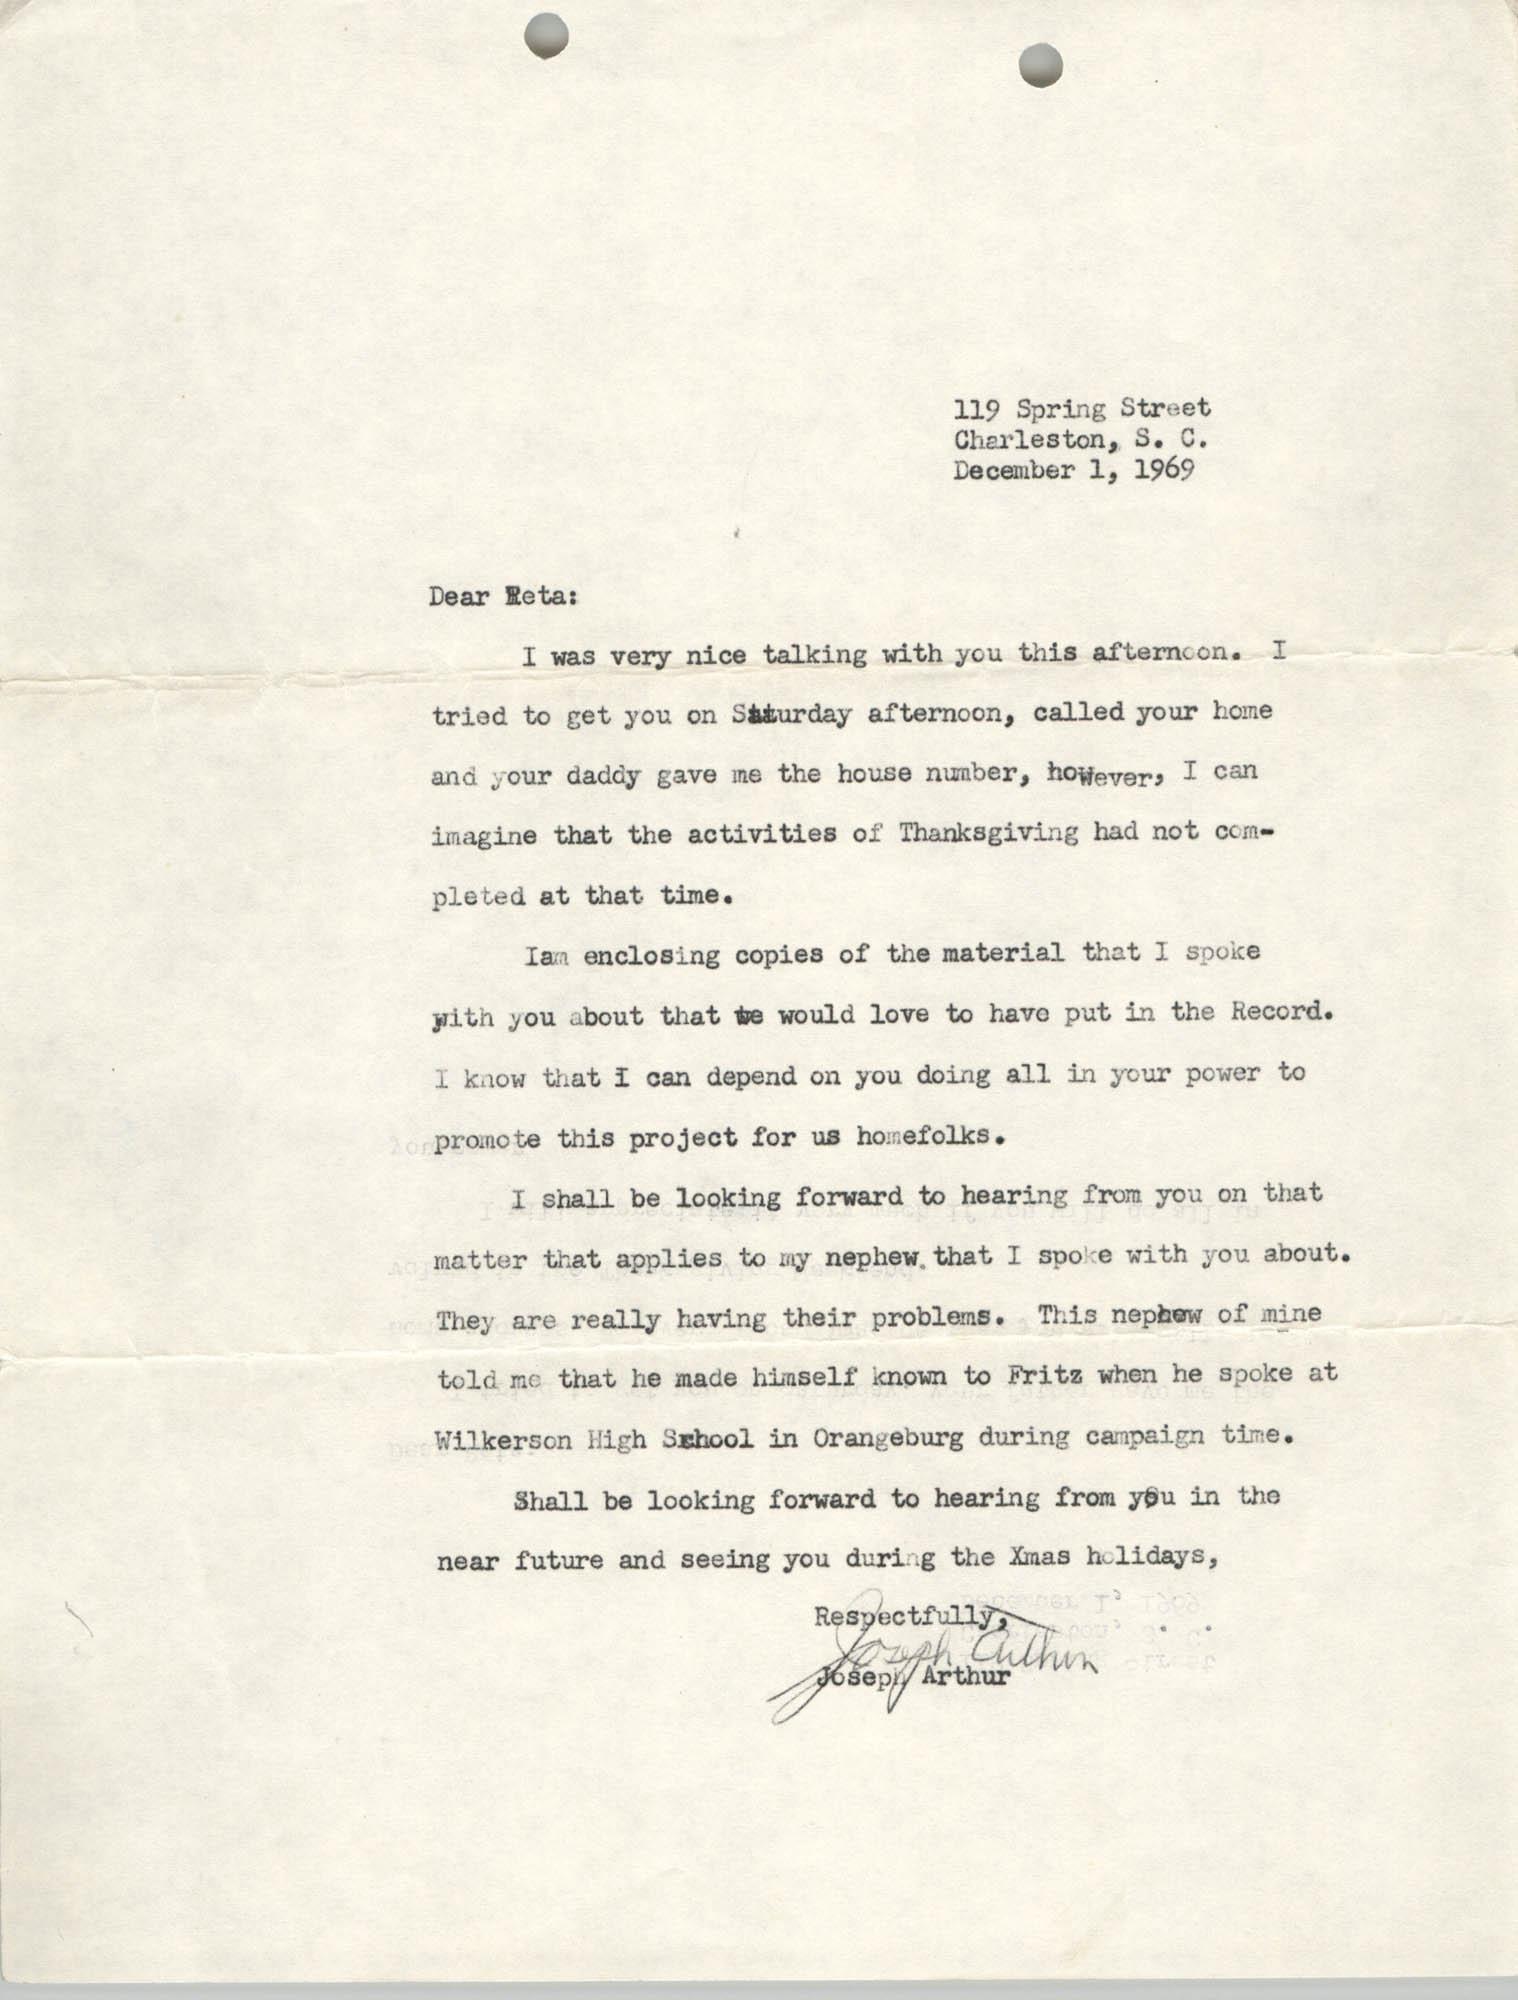 Letter from J. Arthur Brown to Reta, December 1, 1969